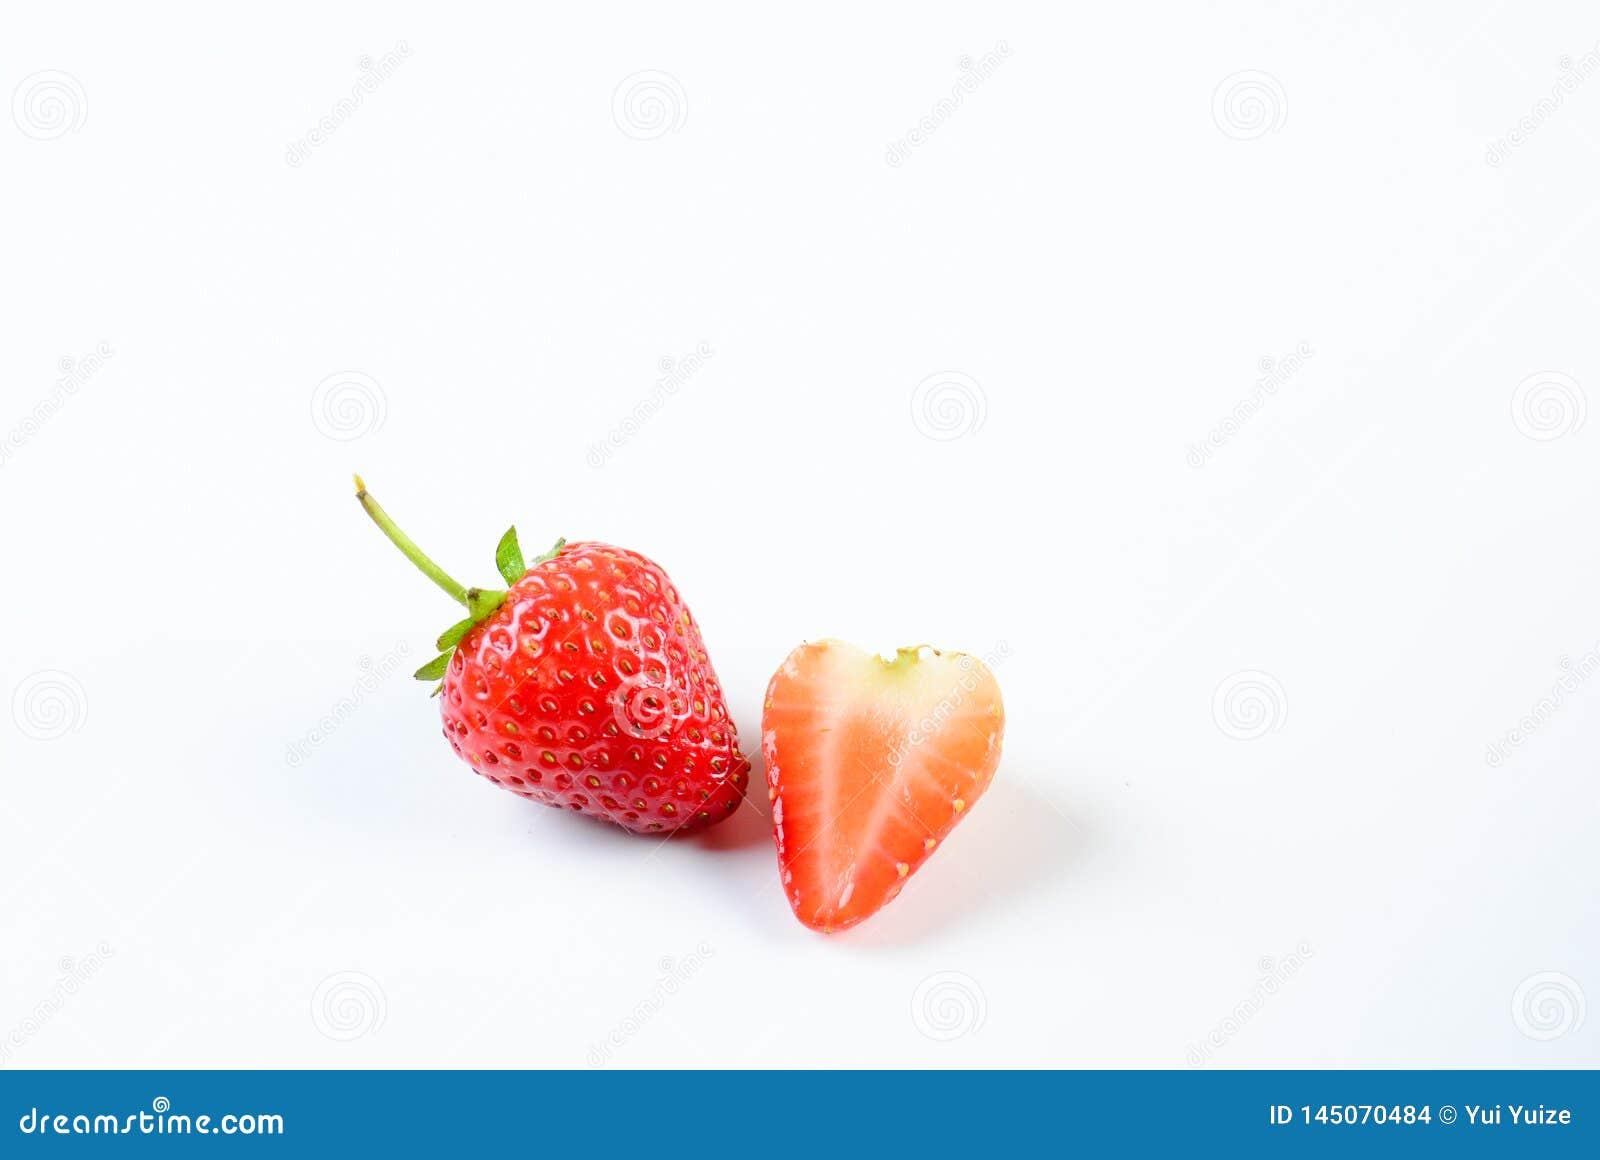 Aardbeien op witte achtergrond